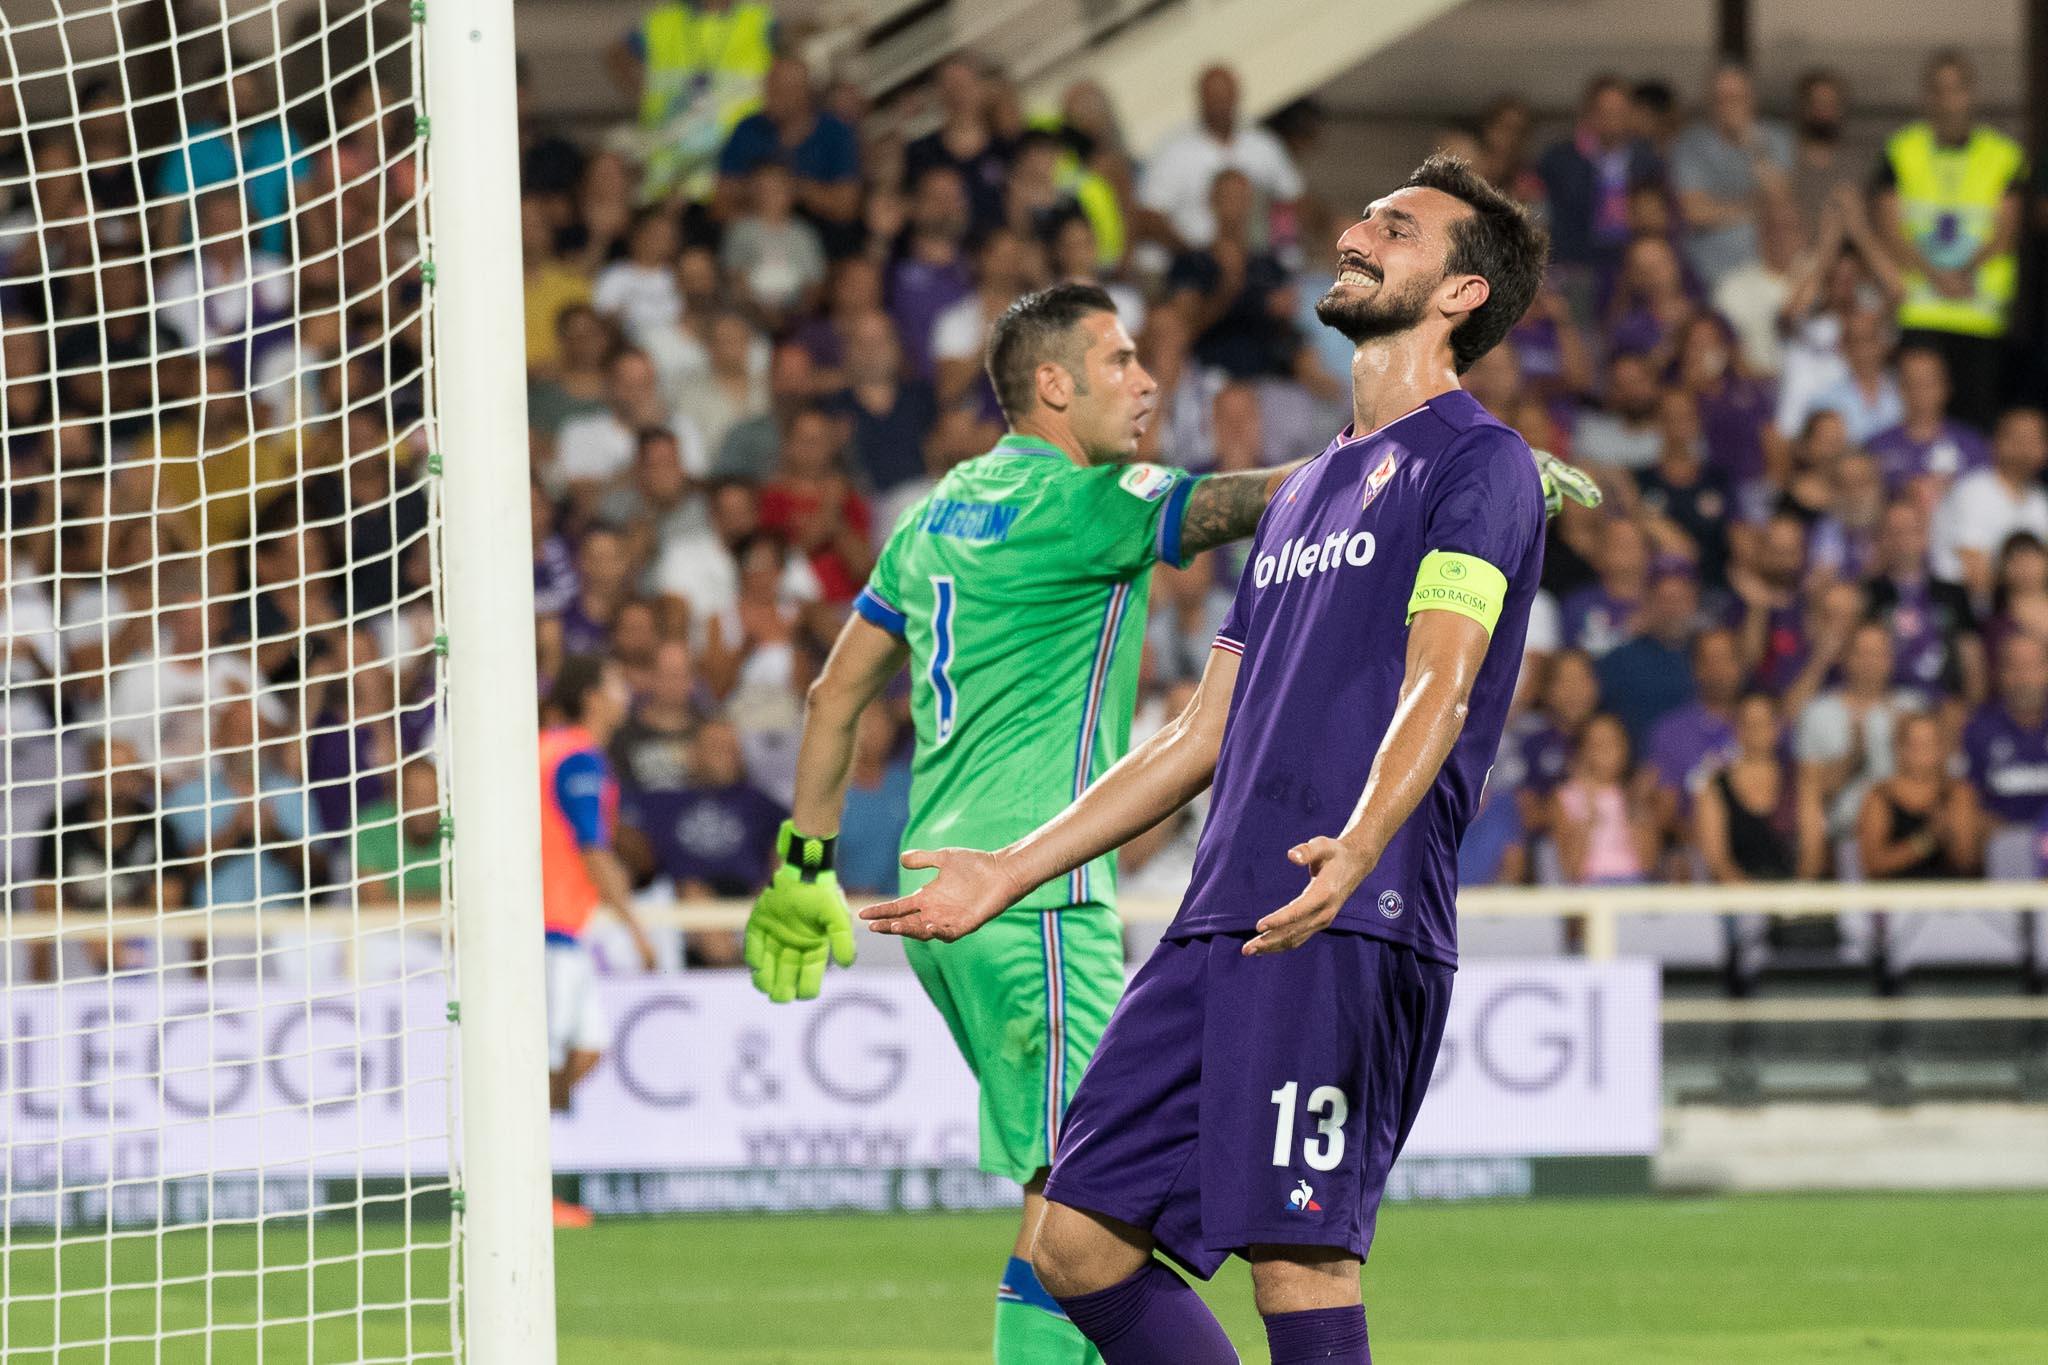 """Astori: """"Deluso dalla prestazione di Crotone, Roma partita proibitiva. Spero nella chiamata in Nazionale.."""""""